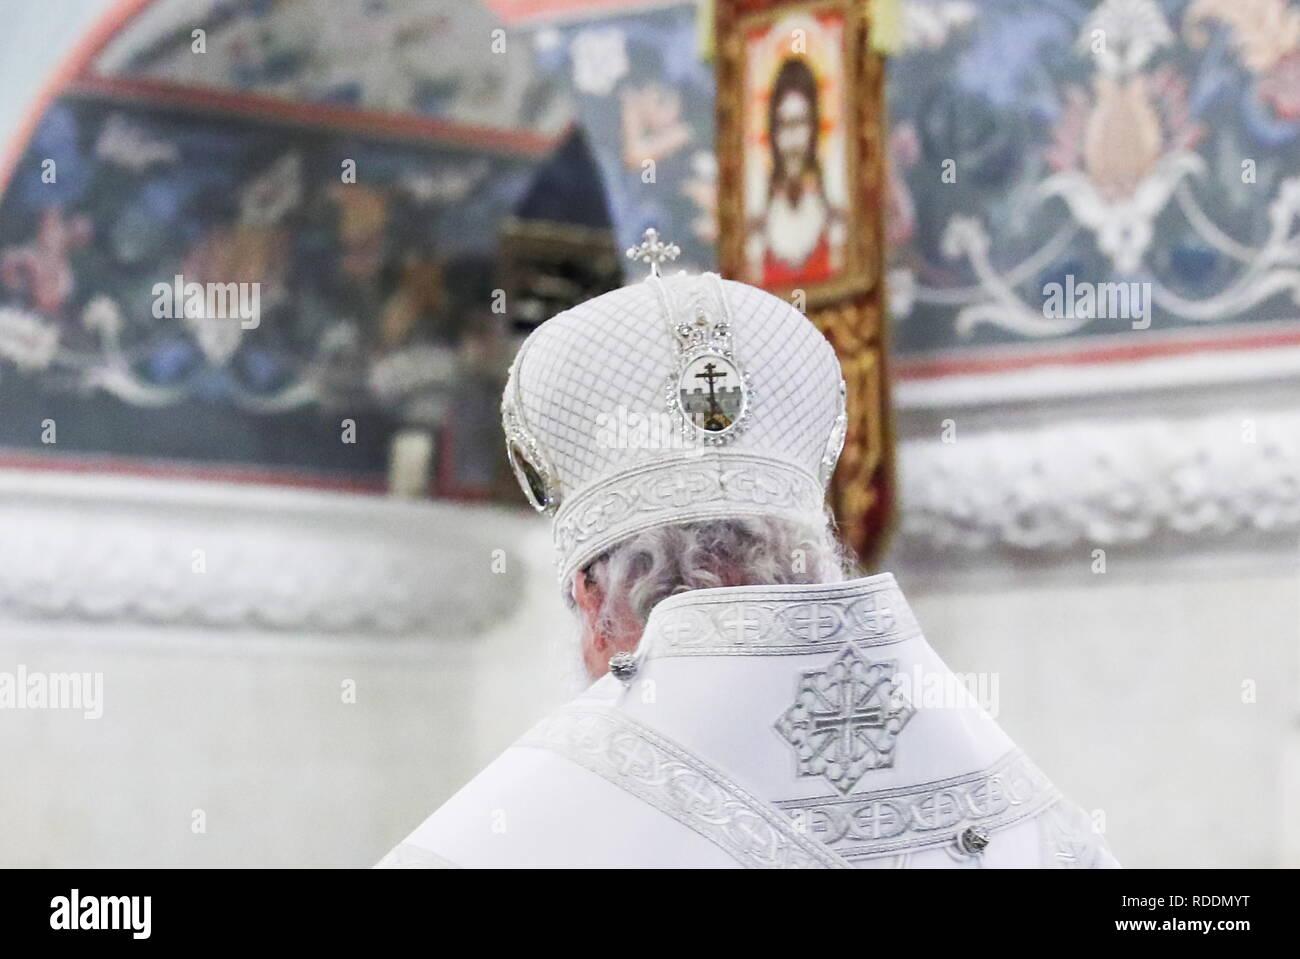 Feiert Taufe Jesus Christus Stockfotos Feiert Taufe Jesus